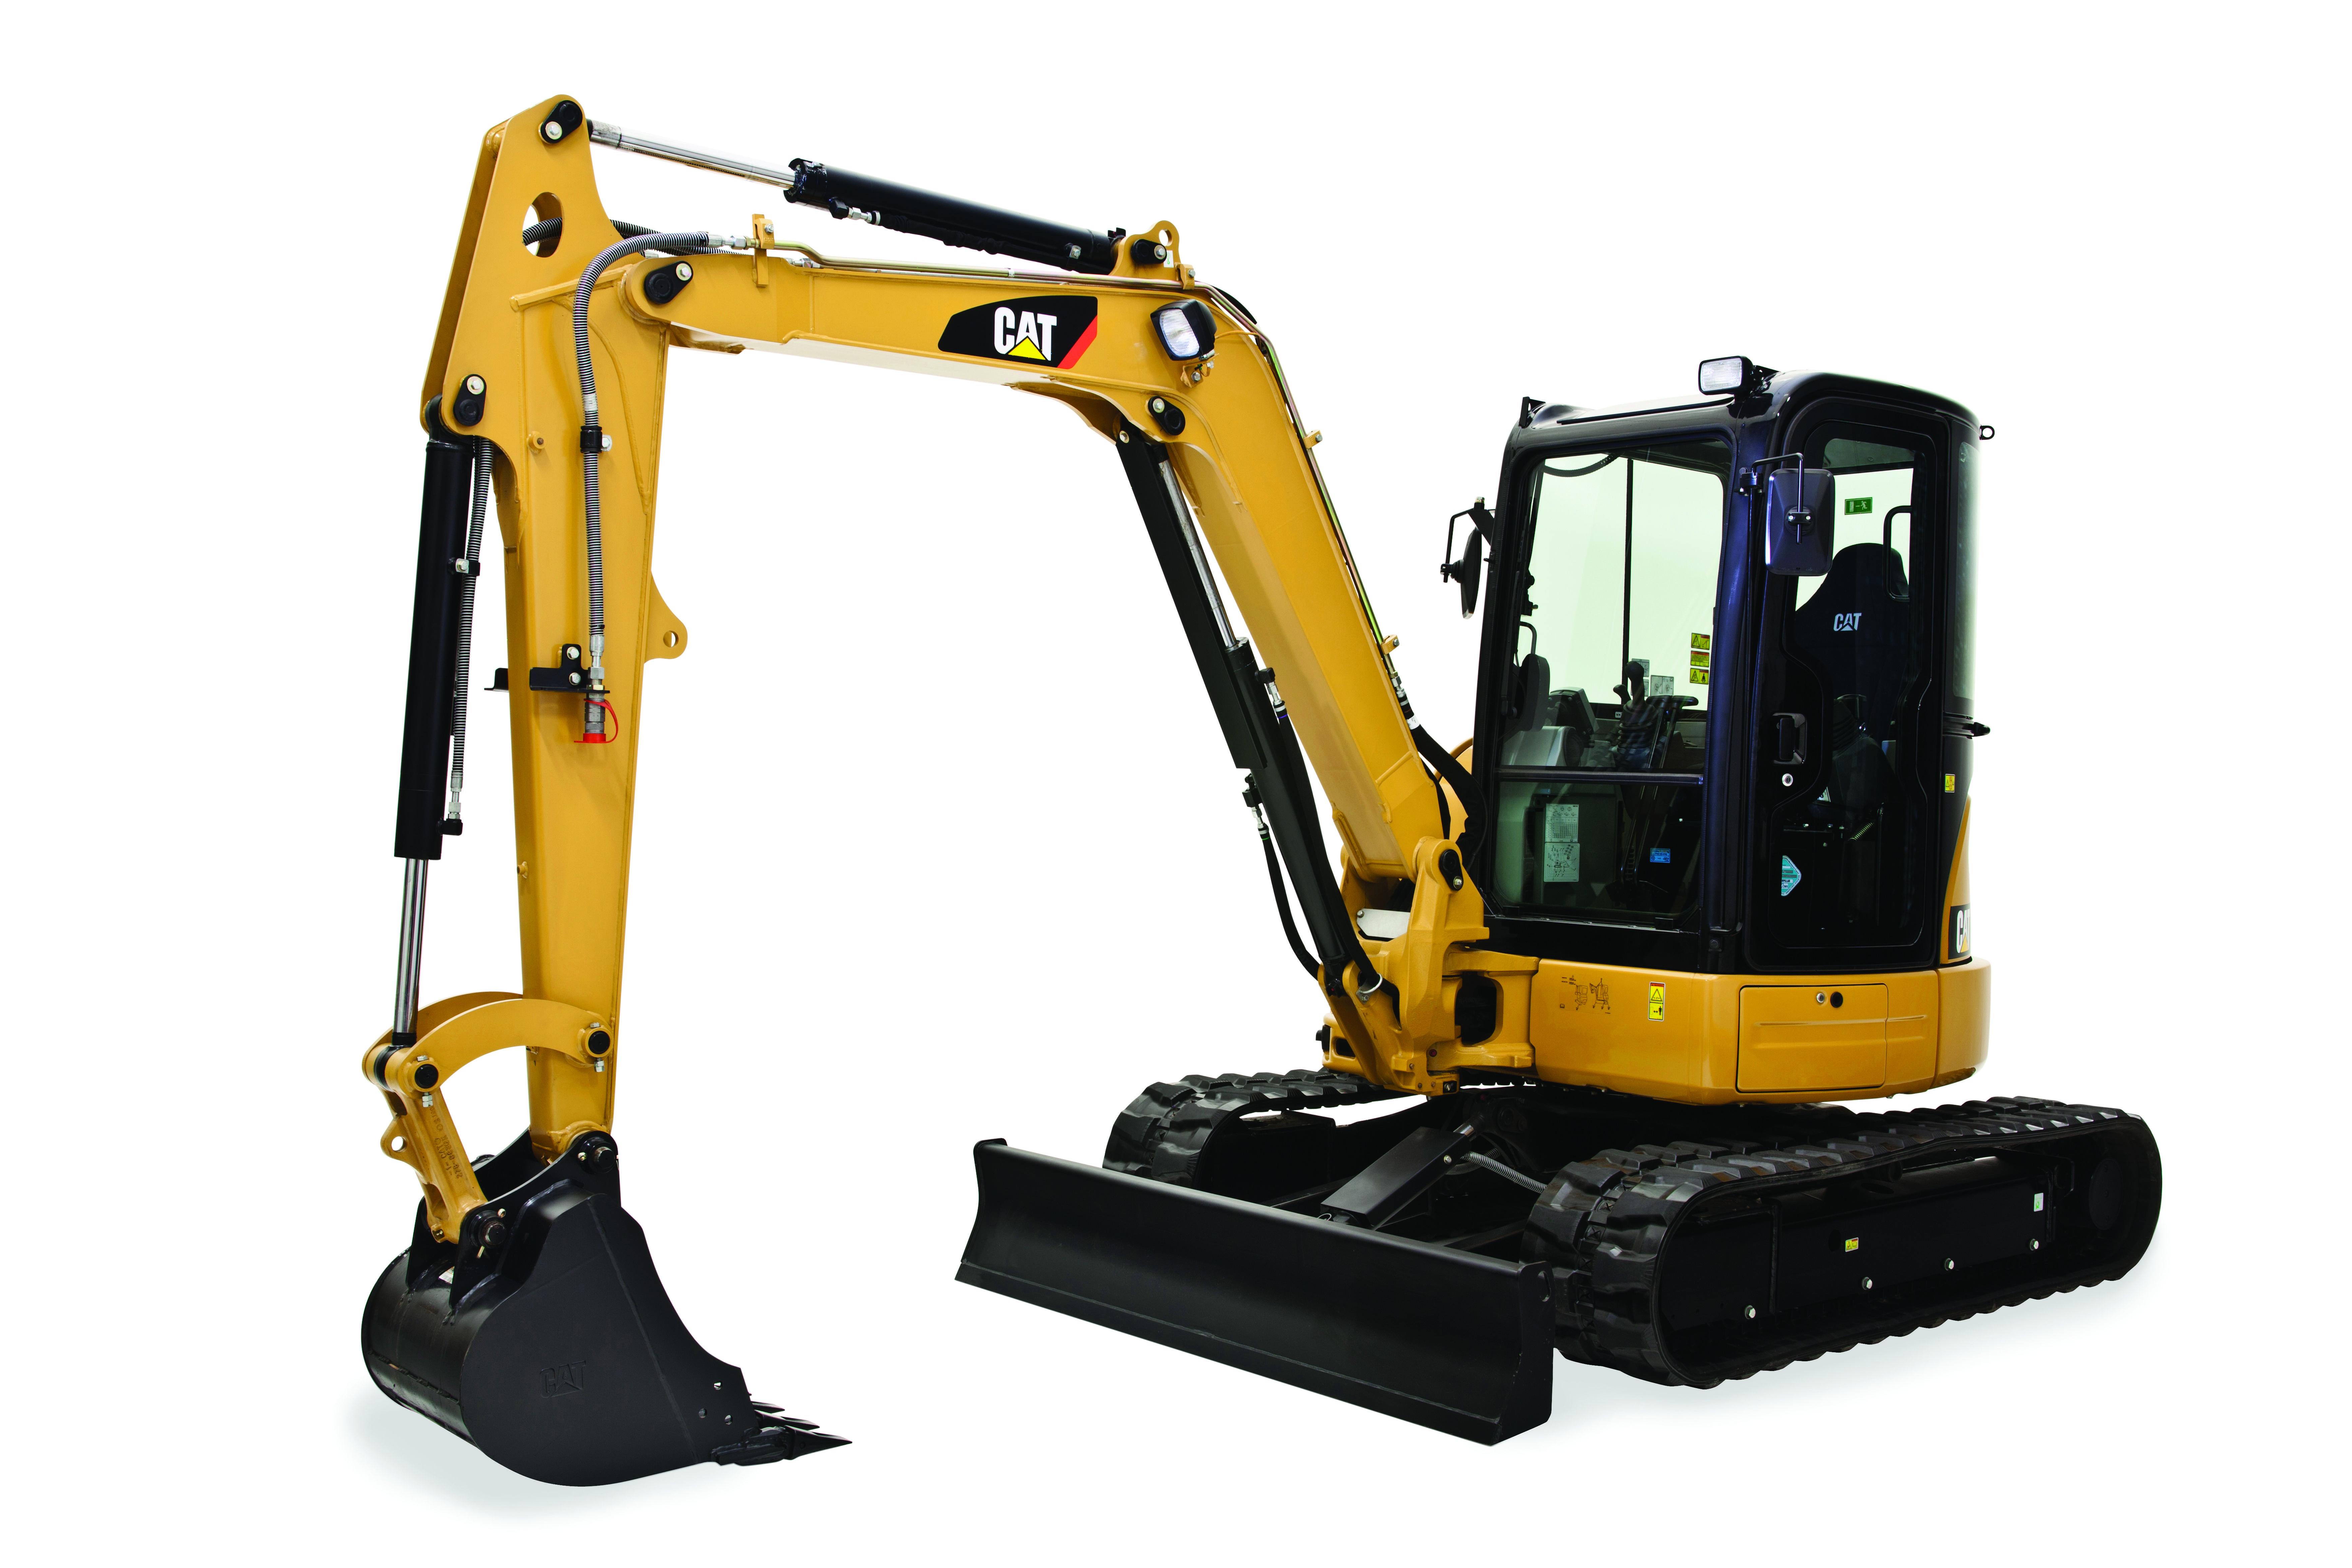 Cat 305ECR Excavator for sale, Excavator, Repair manuals